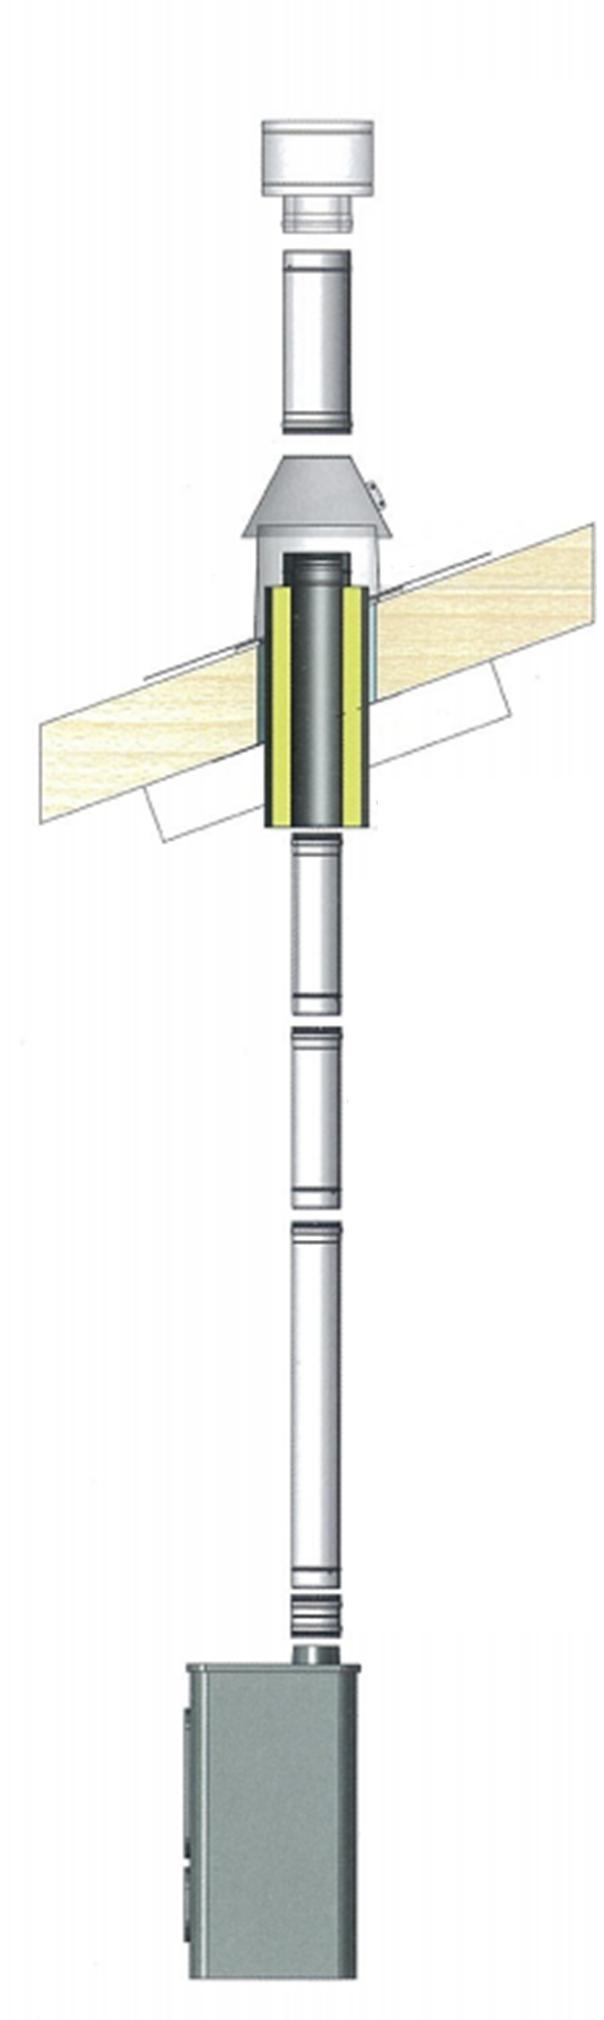 Travers isol pour toiture en bois 150mm r f for Conduit de cheminee inox isole prix